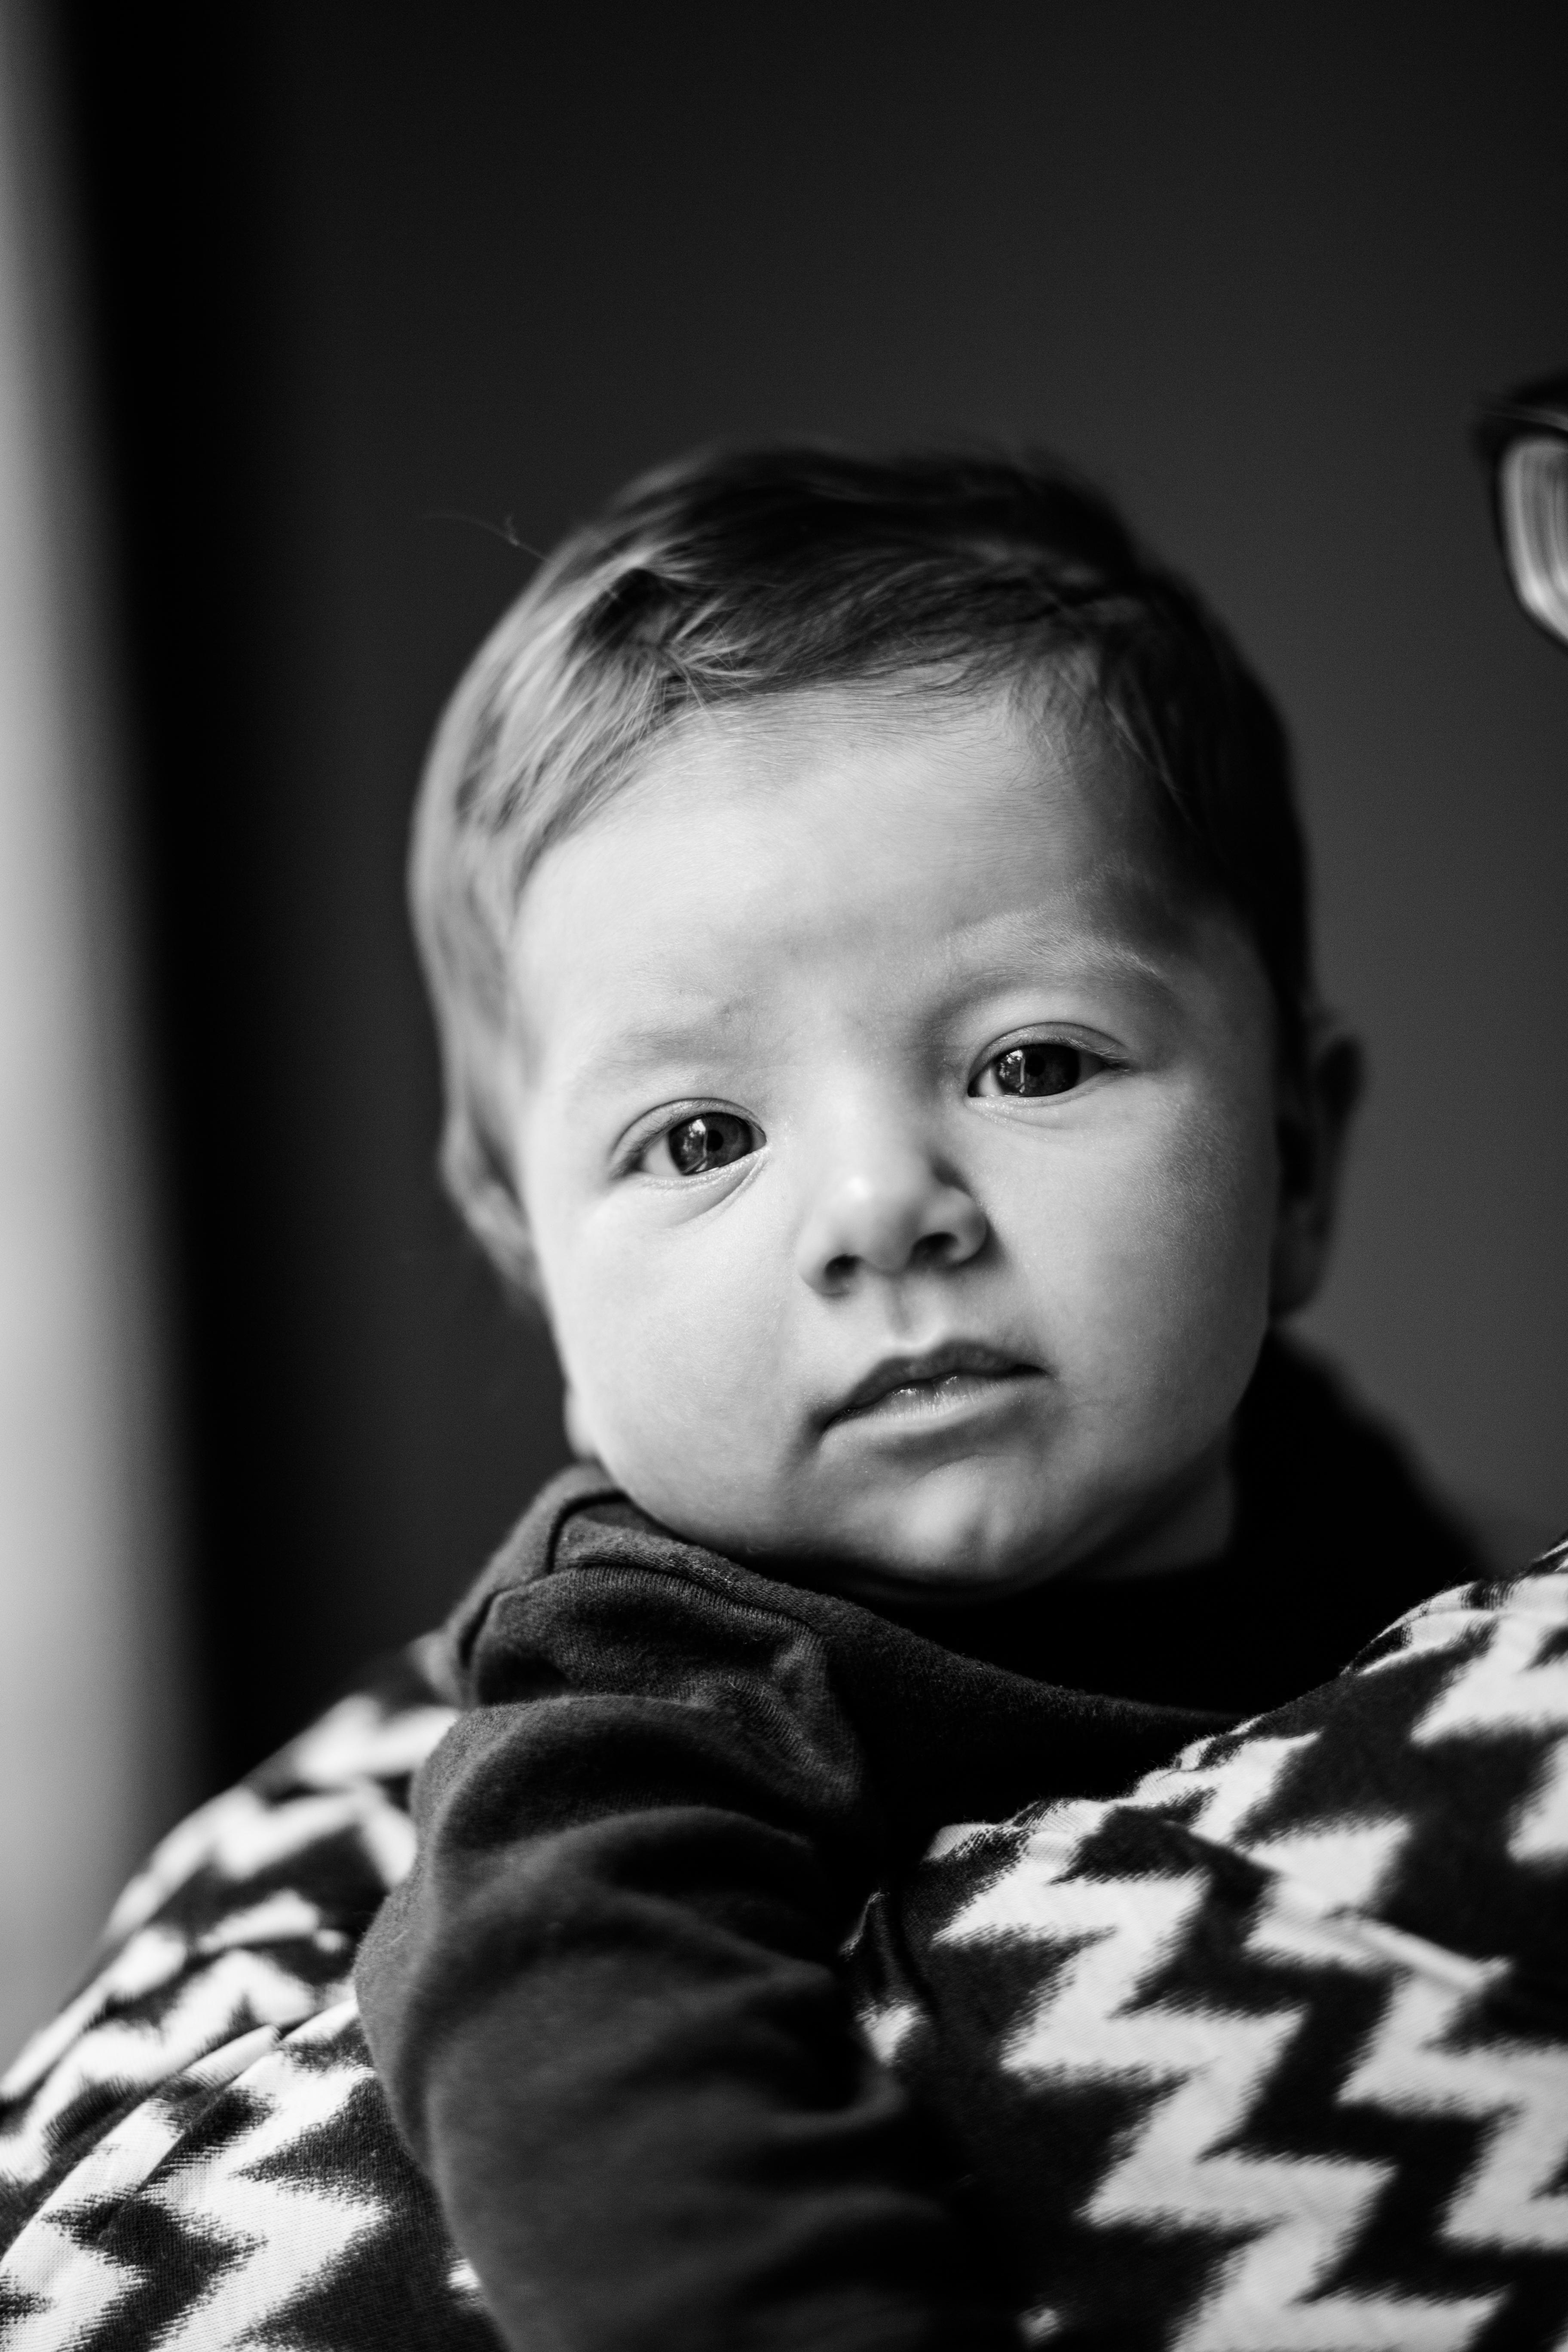 Baby schwarz-weiß Portrait